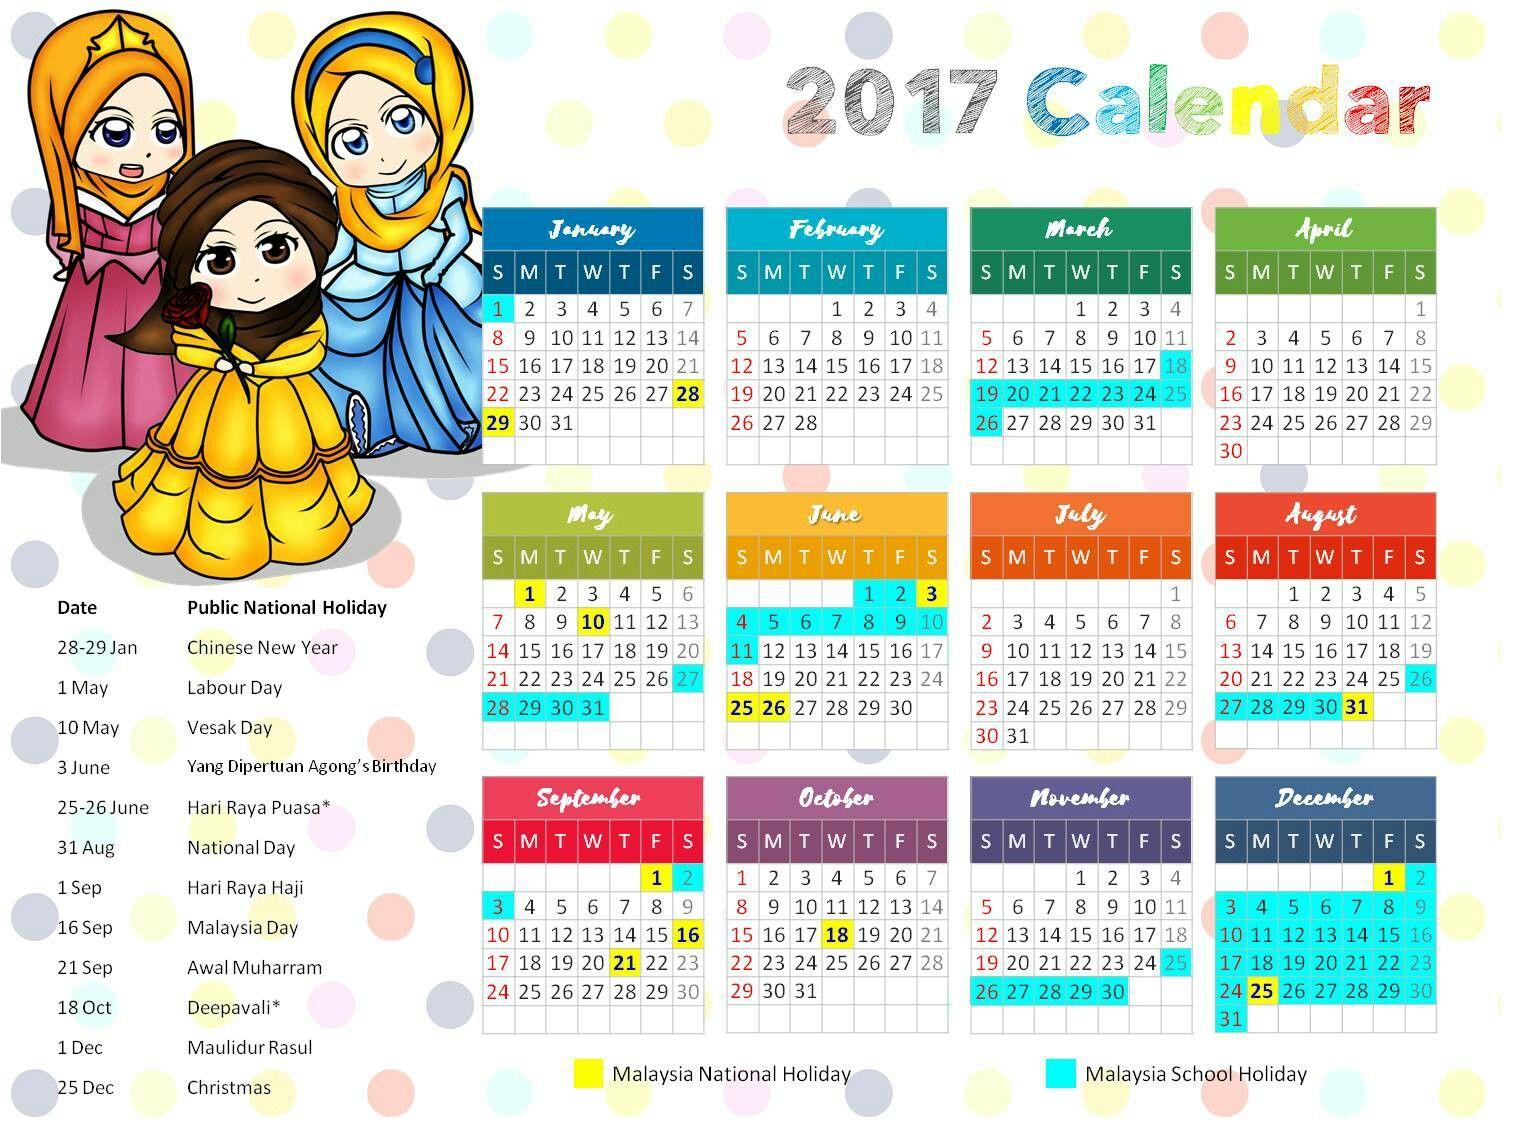 Kalendar Disney Princess Versi Muslimah Percuma